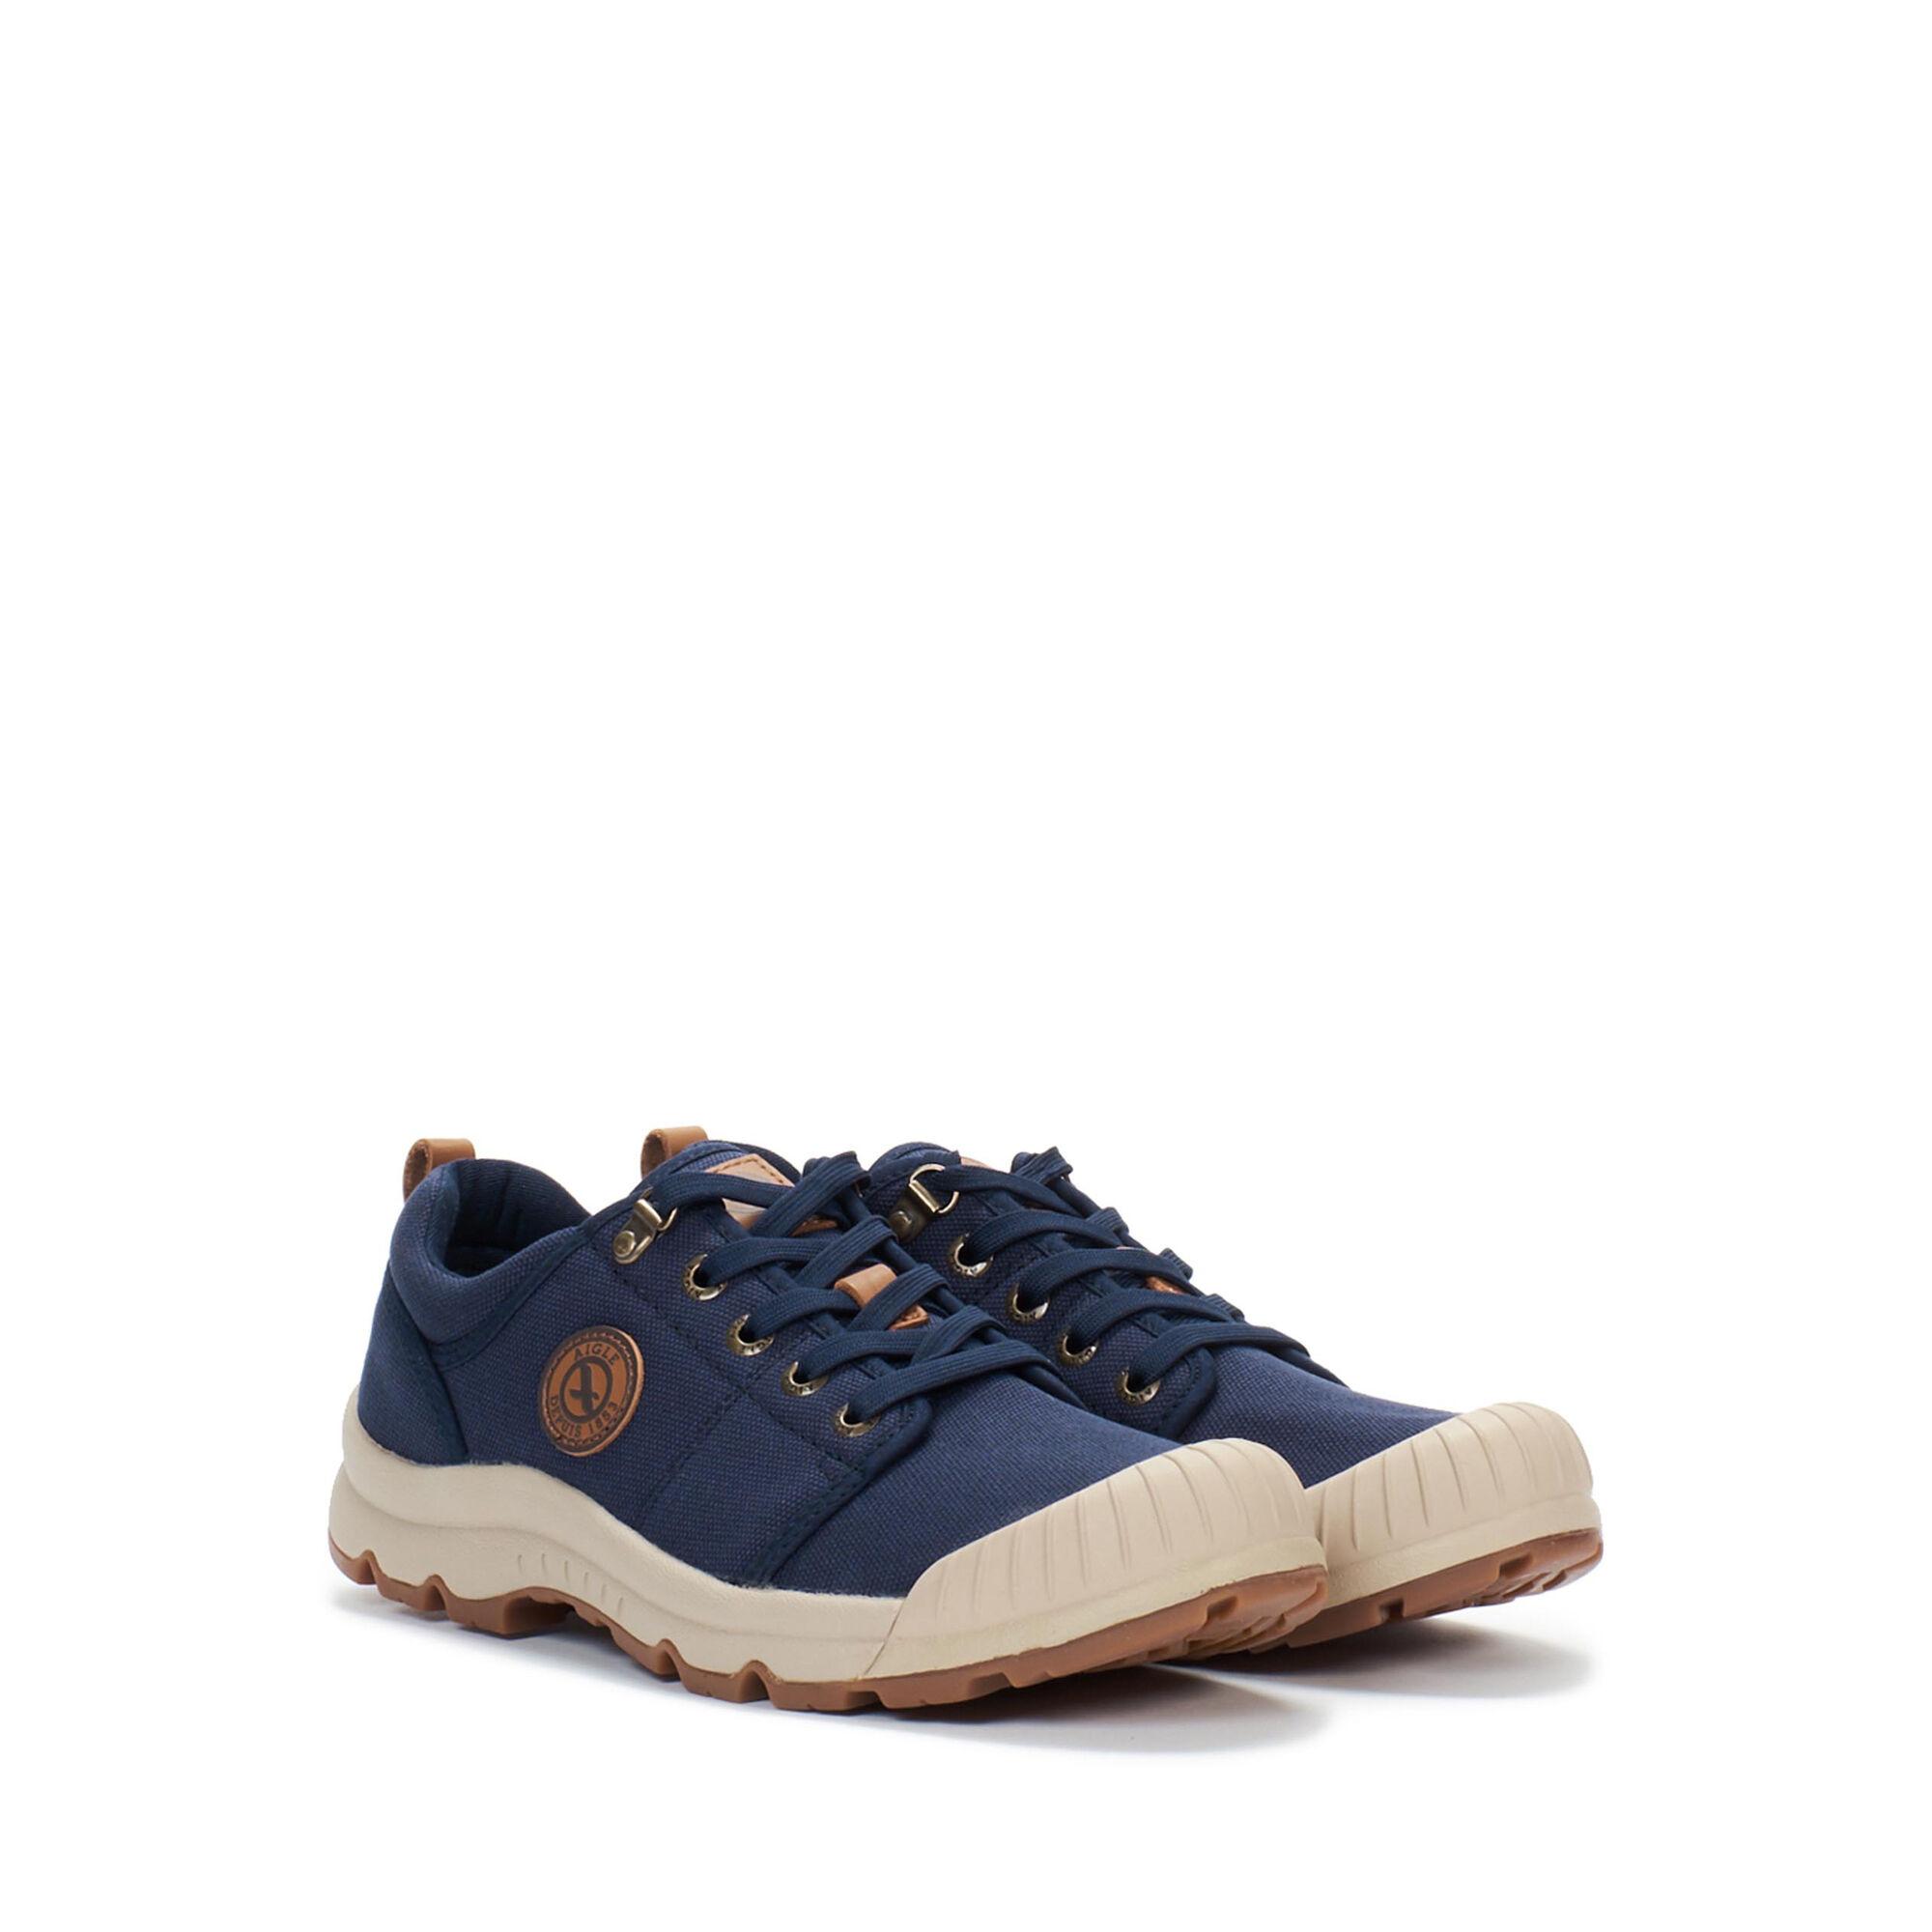 Chaussures du baroudeur toile homme